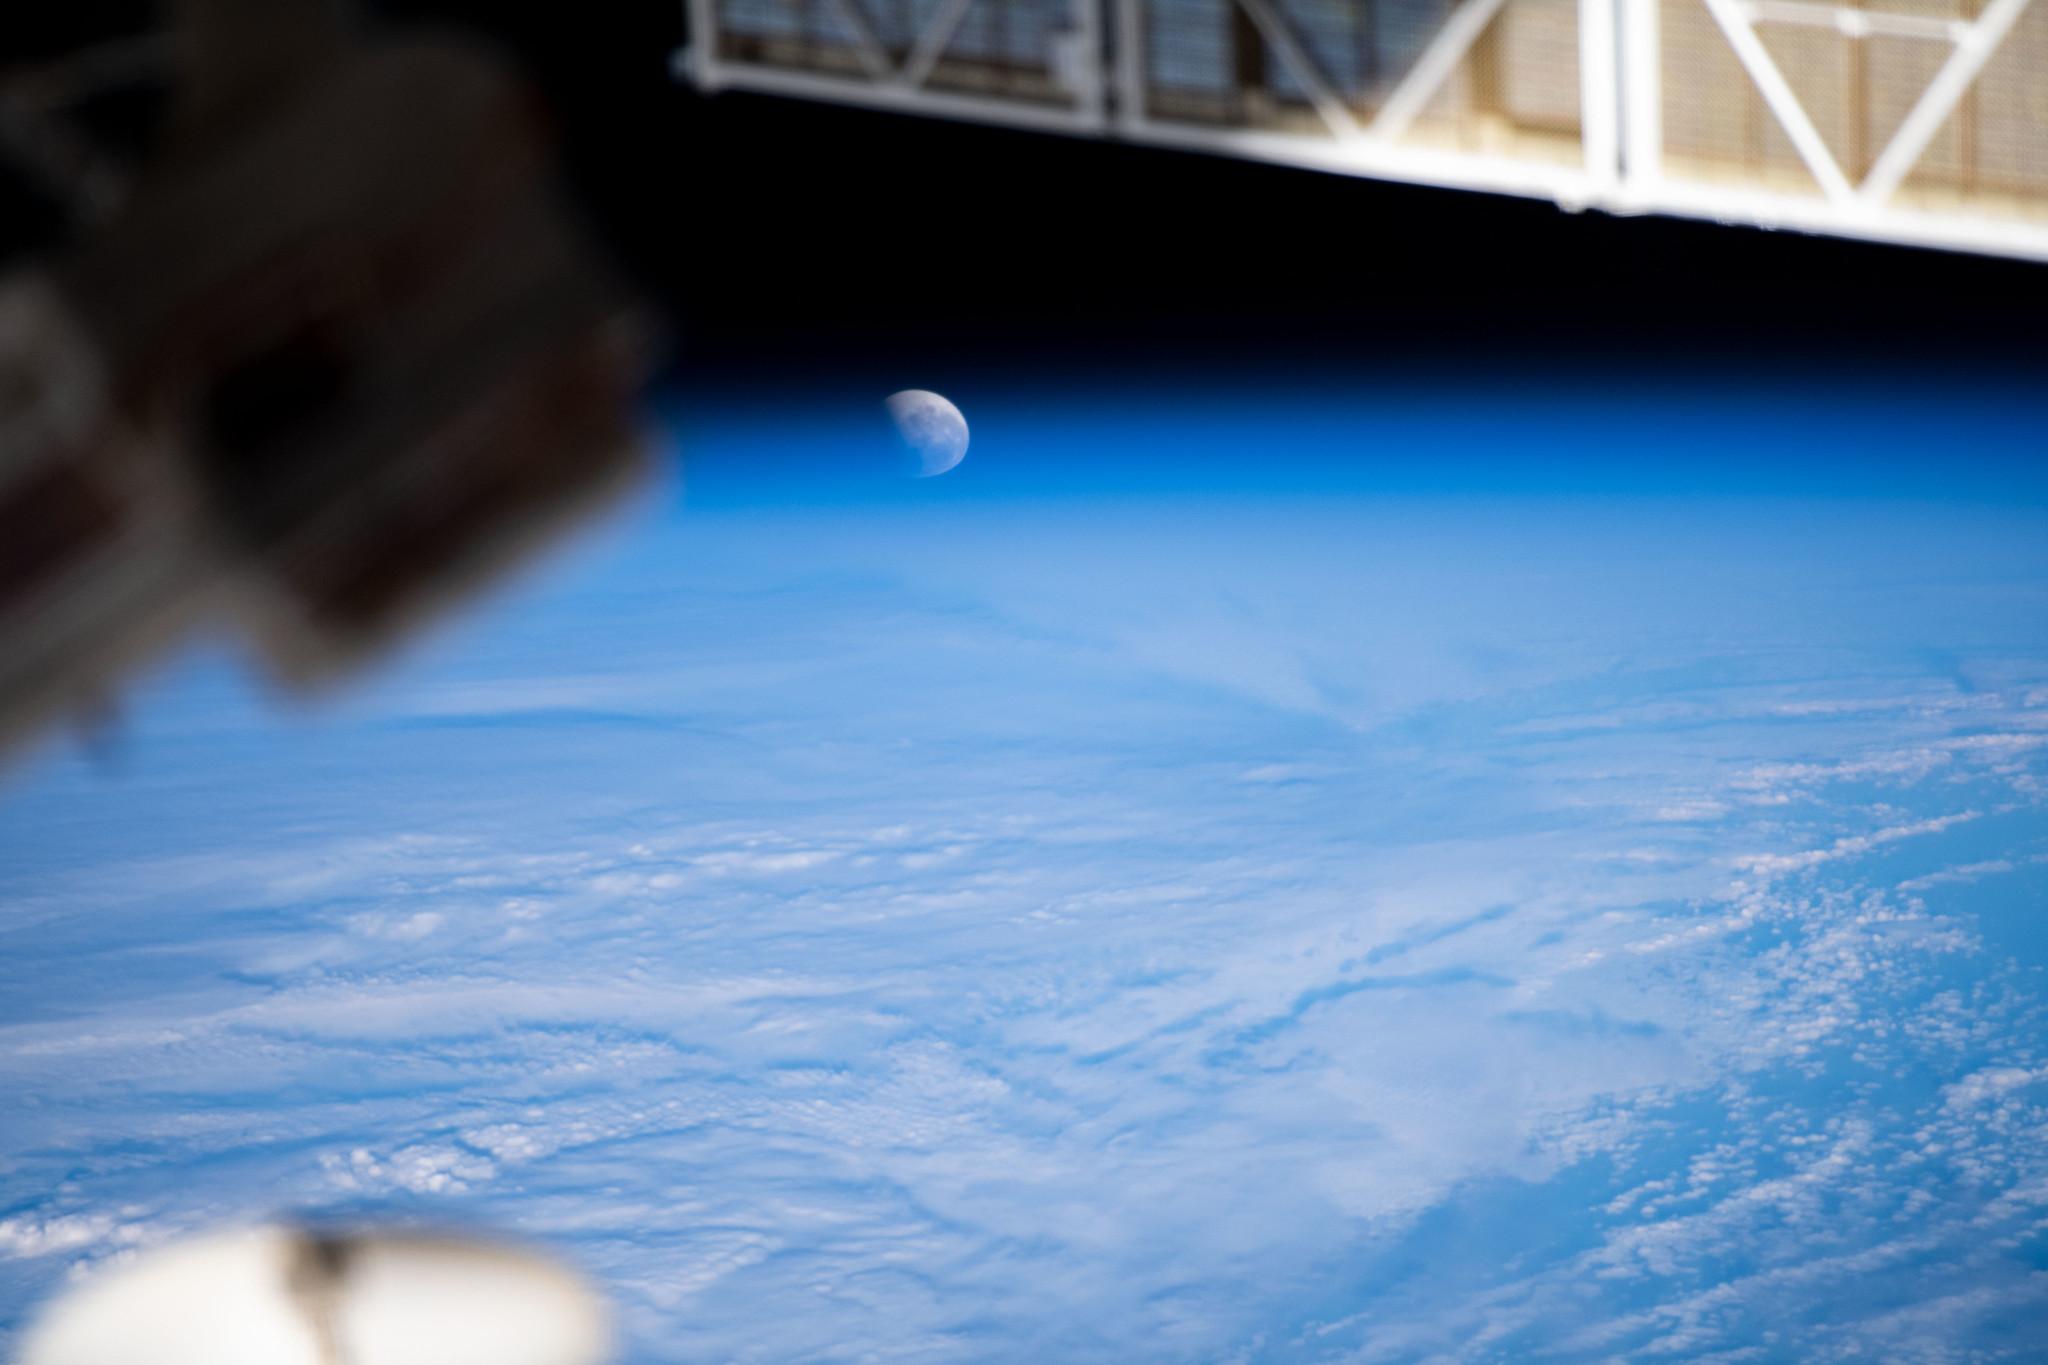 À un moment donné, l'éclipse lunaire partielle du 26 mai 2021 a croisé l'horizon de la Terre du point de vue des astronautes de la Station spatiale internationale.